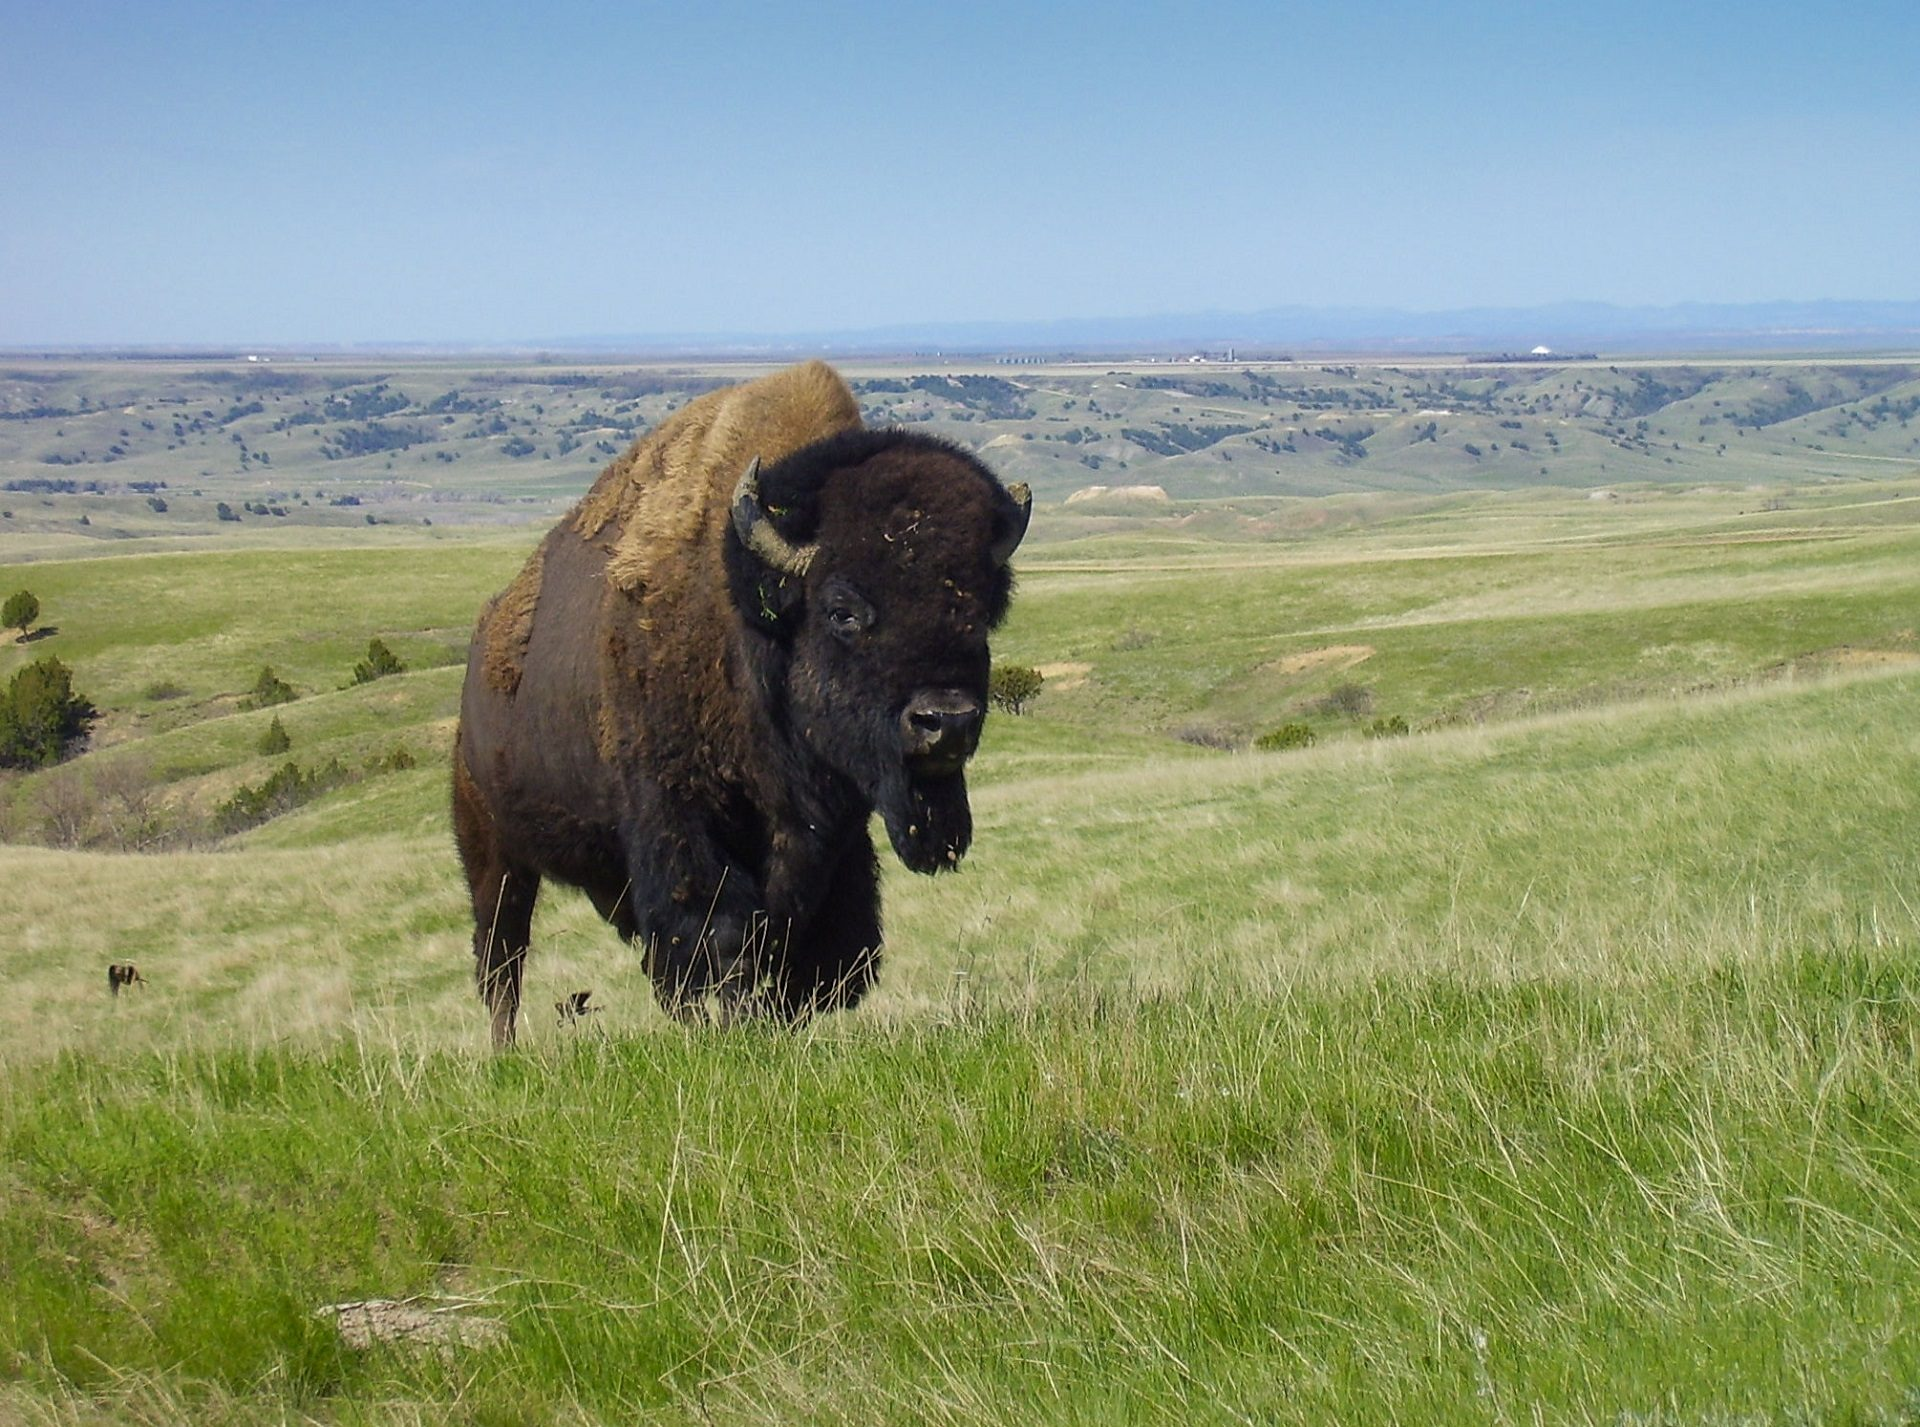 Bisonte, Buffalo, pradera, Montañas, erba, corni - Sfondi HD - Professor-falken.com